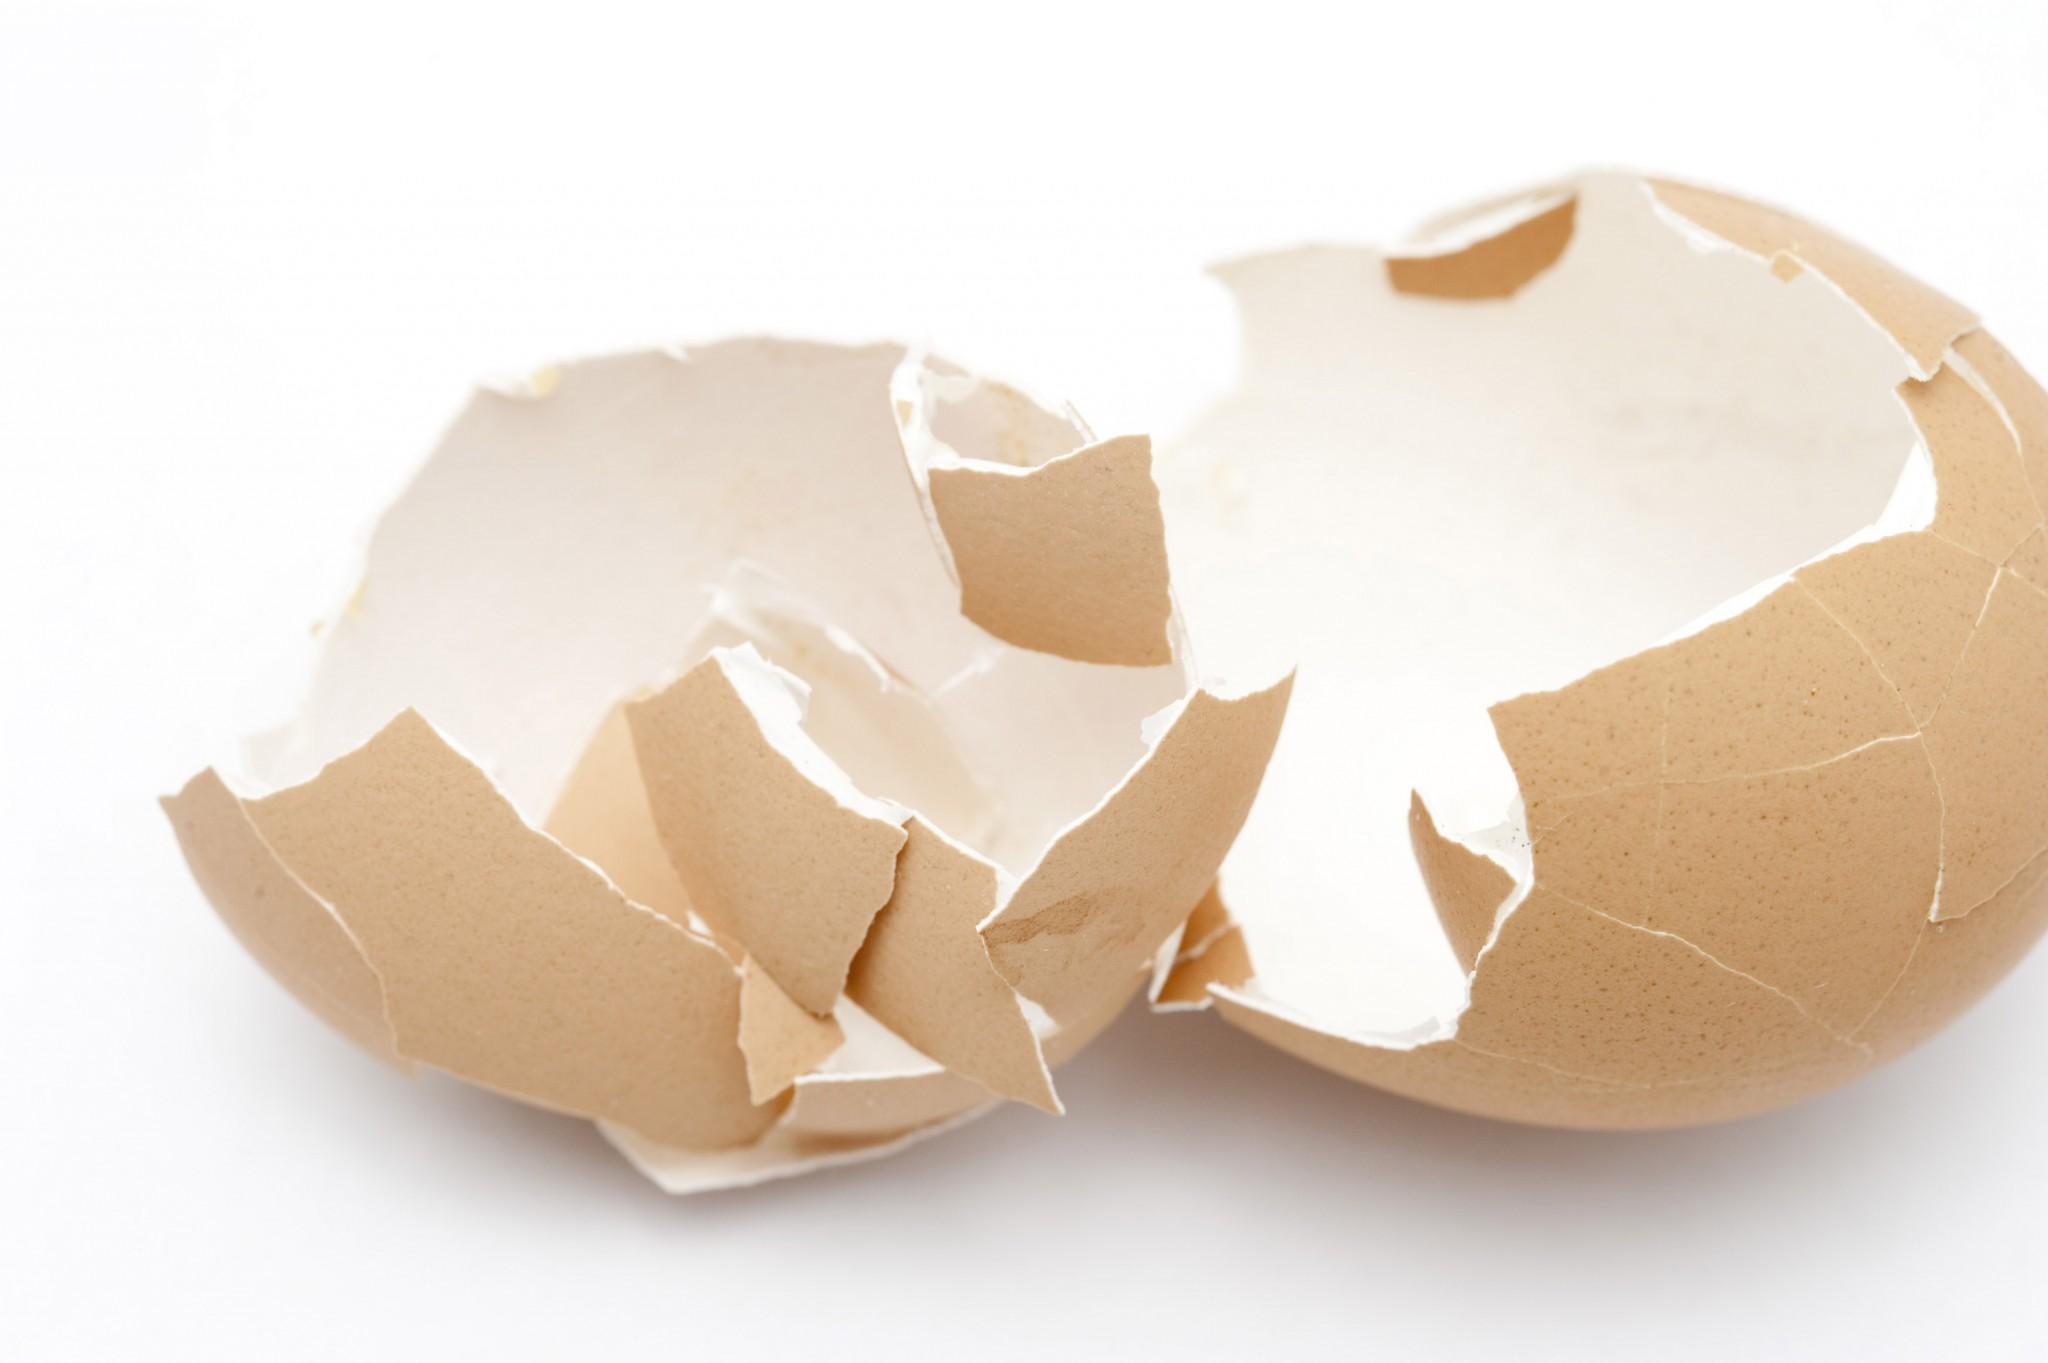 Las cáscaras de huevo como material de embalaje